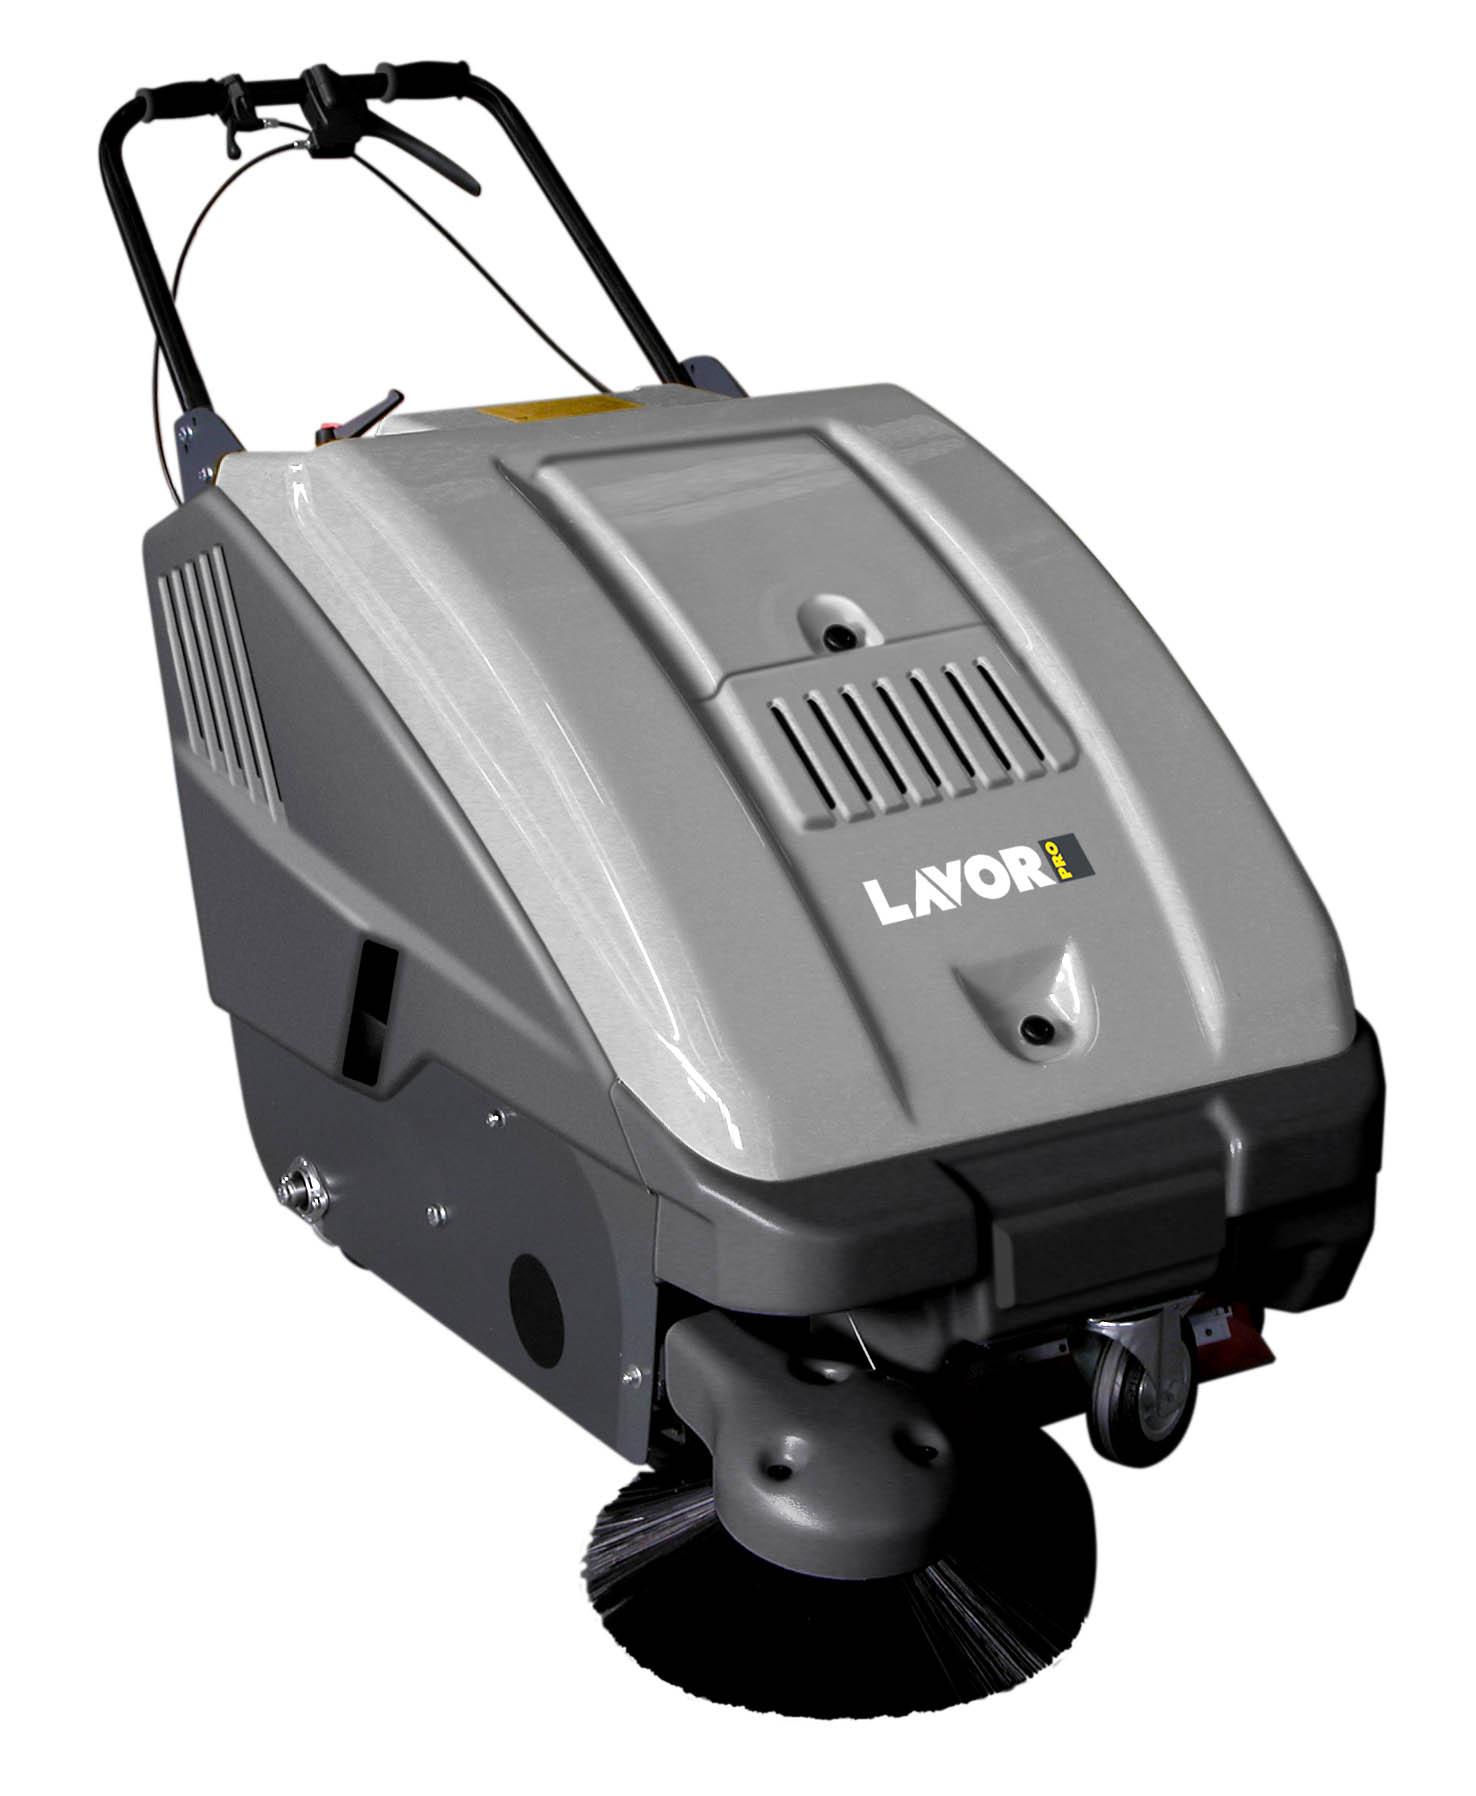 LAVOR-PRO Kehrmaschine Handkehrmaschine Kehrbesen Elektro Besen SWL 700 ET